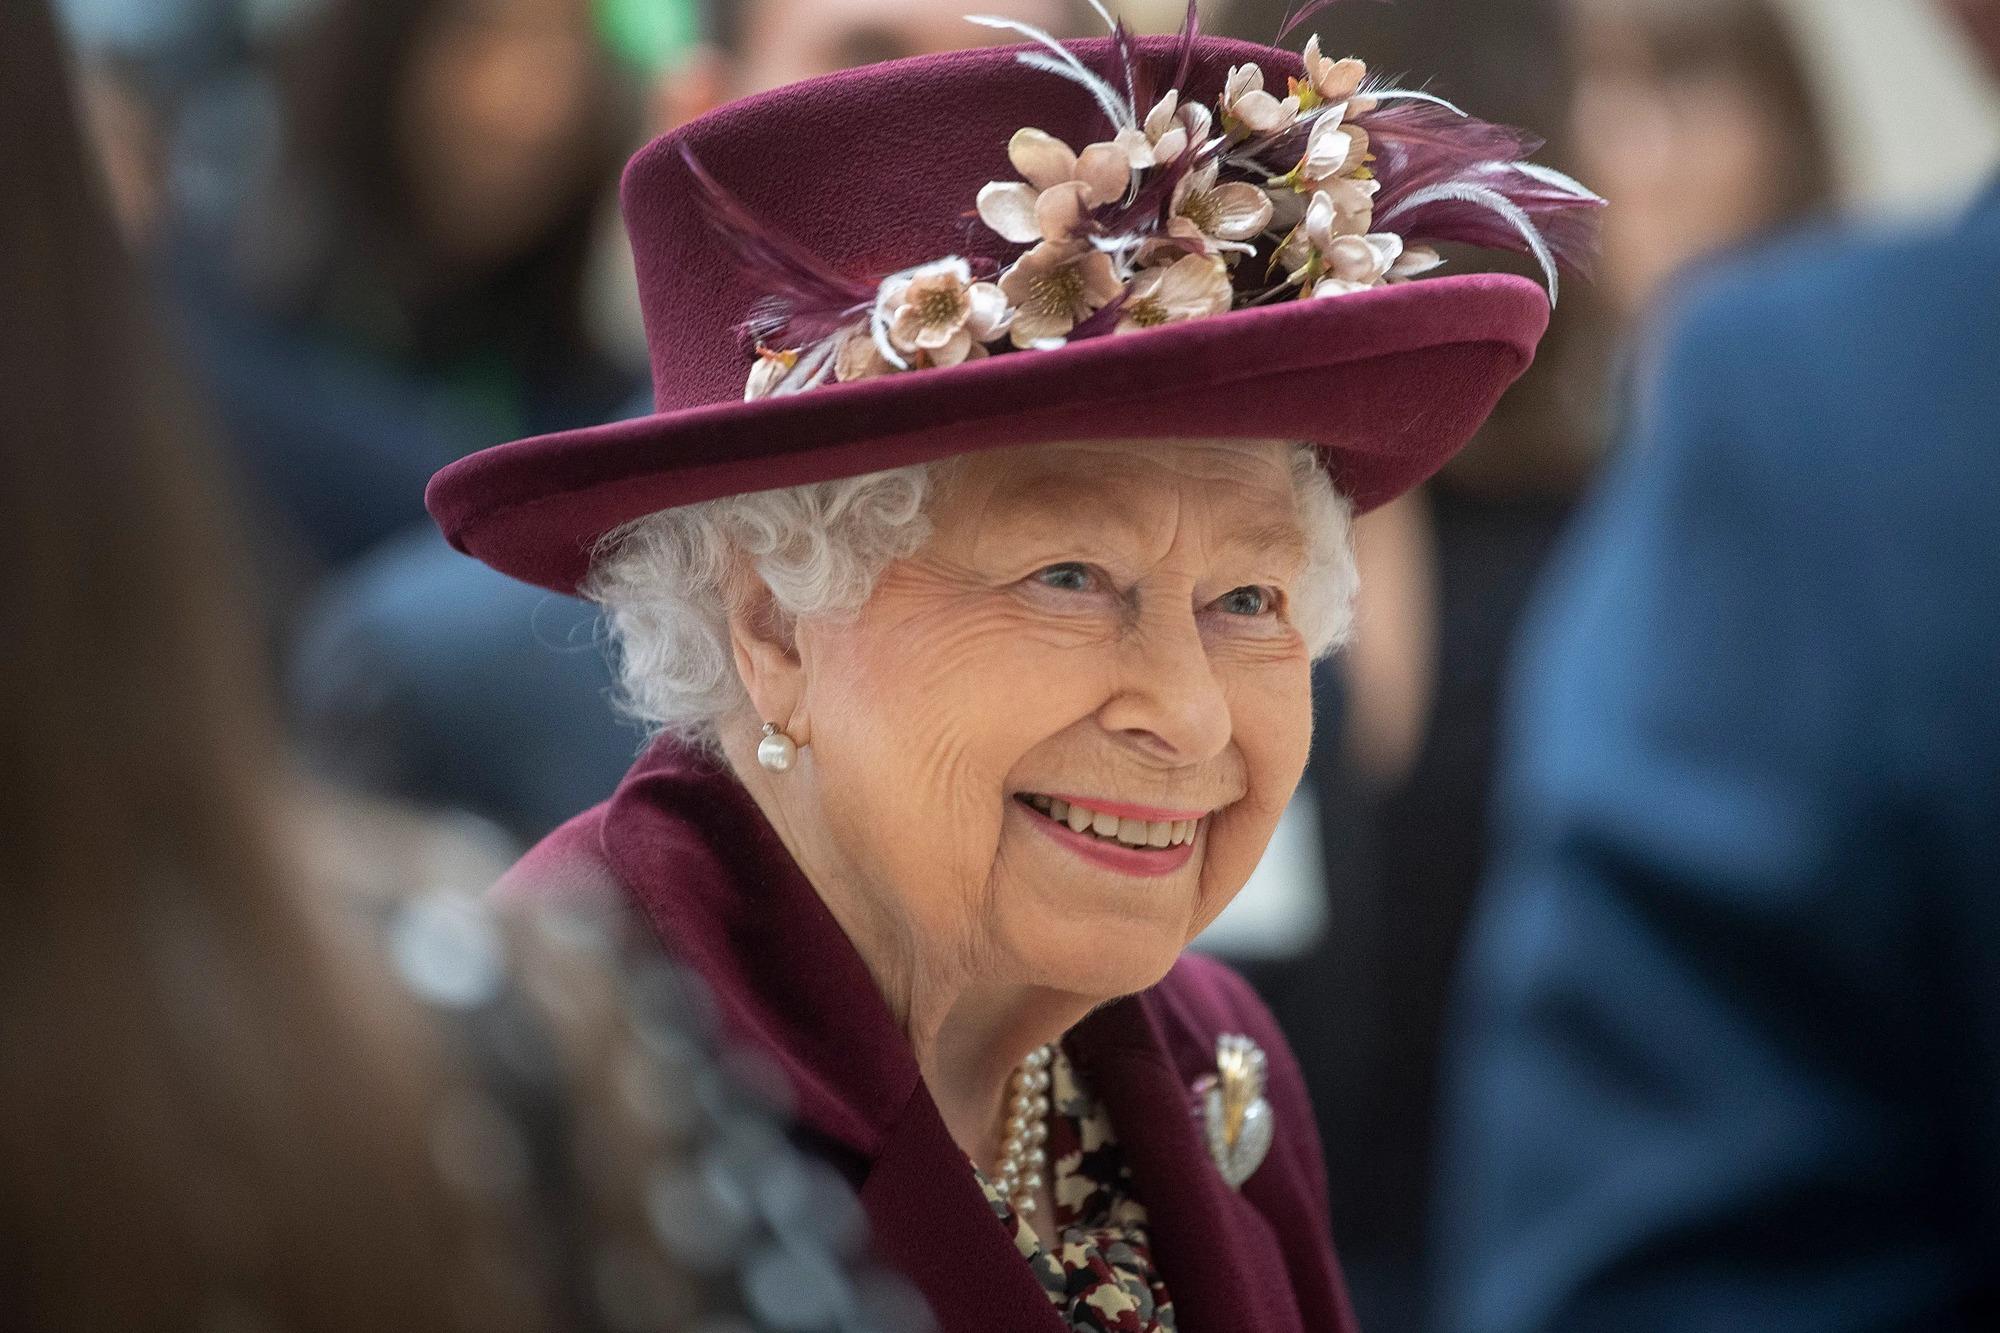 Bức ảnh được chia sẻ trên mạng xã hội của hoàng gia nhân dịp sinh nhật 95 tuổi của Nữ hoàng